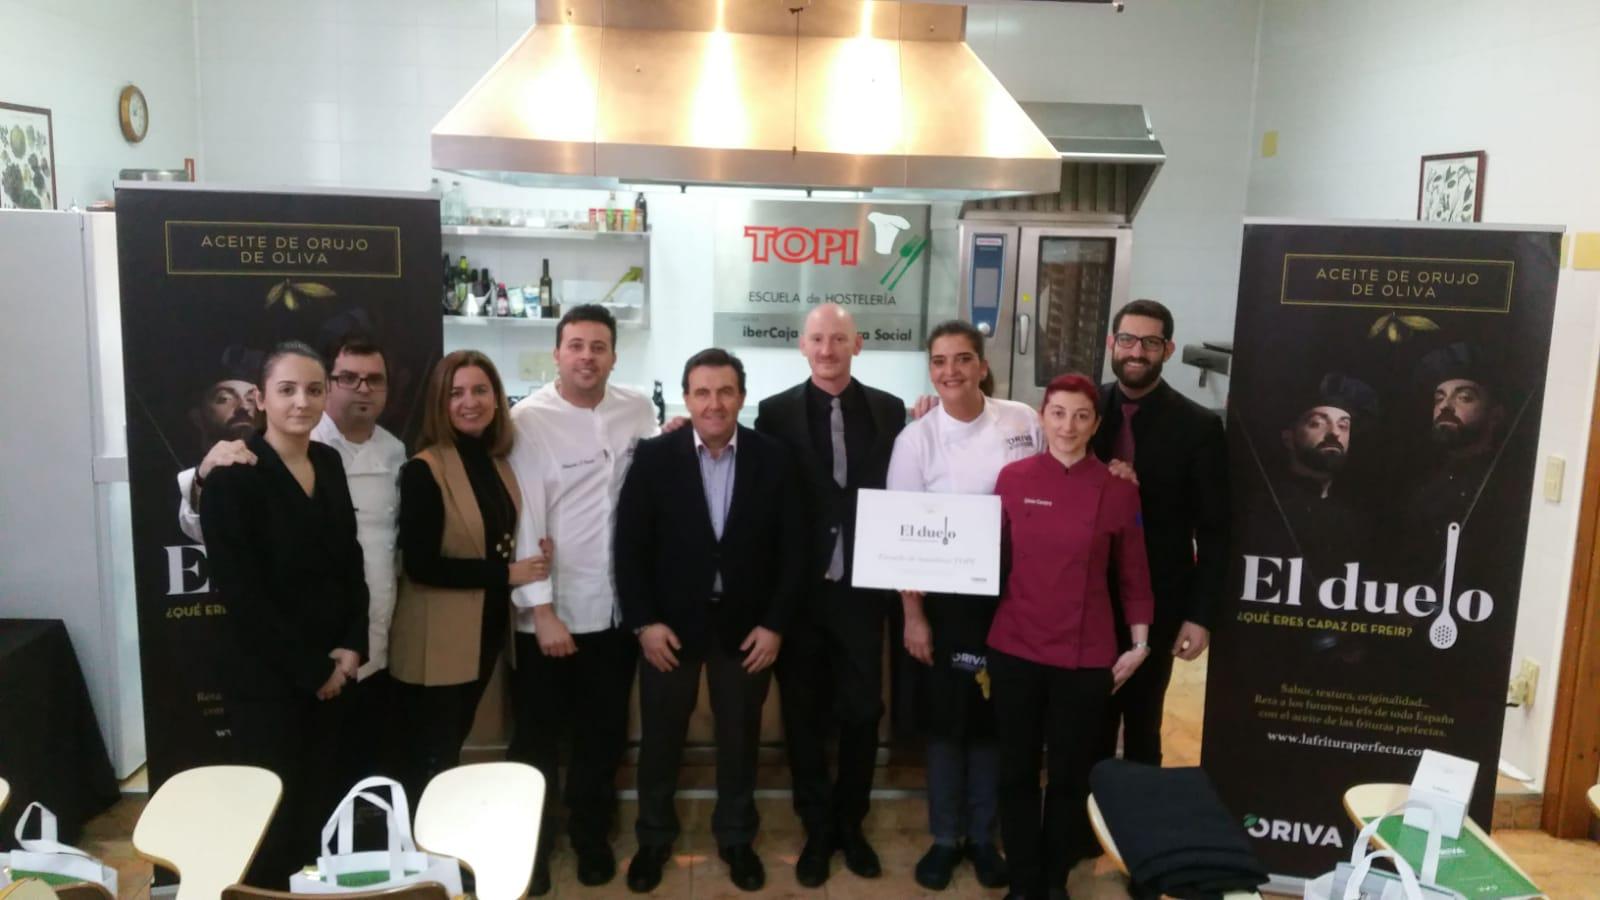 Alumnos y el presidente de ORIVA en Escuela de Hostelería TOPI de Zaragoza, cocinando con Aceite de Orujo de Oliva